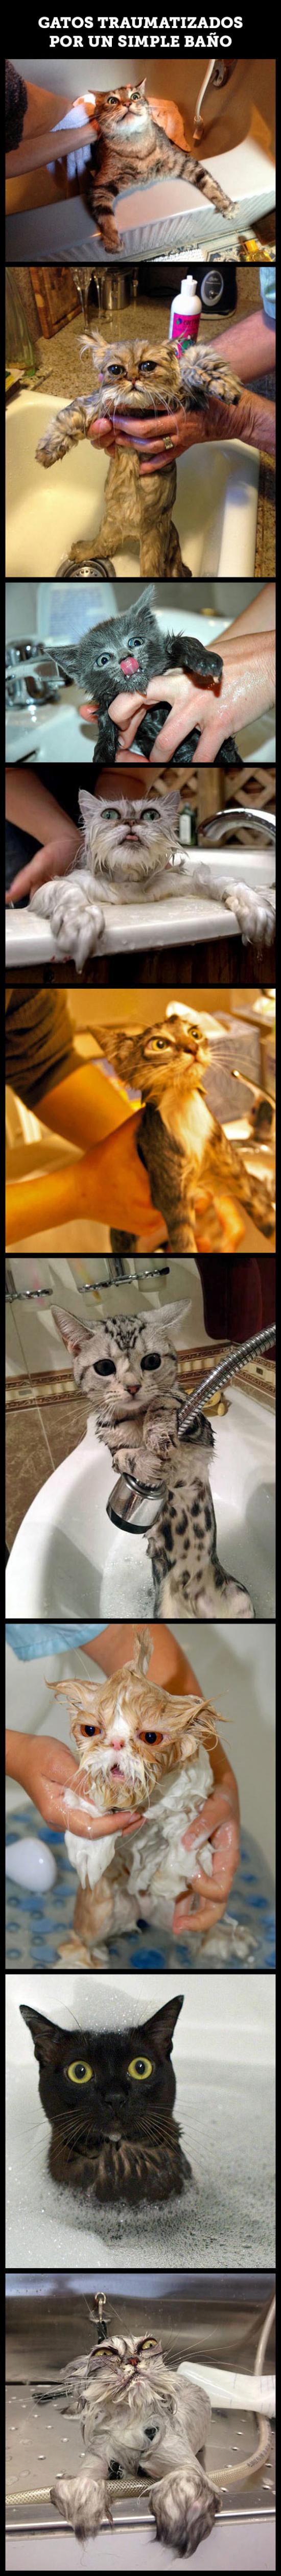 Meme_otros - El mayor temor de un gato